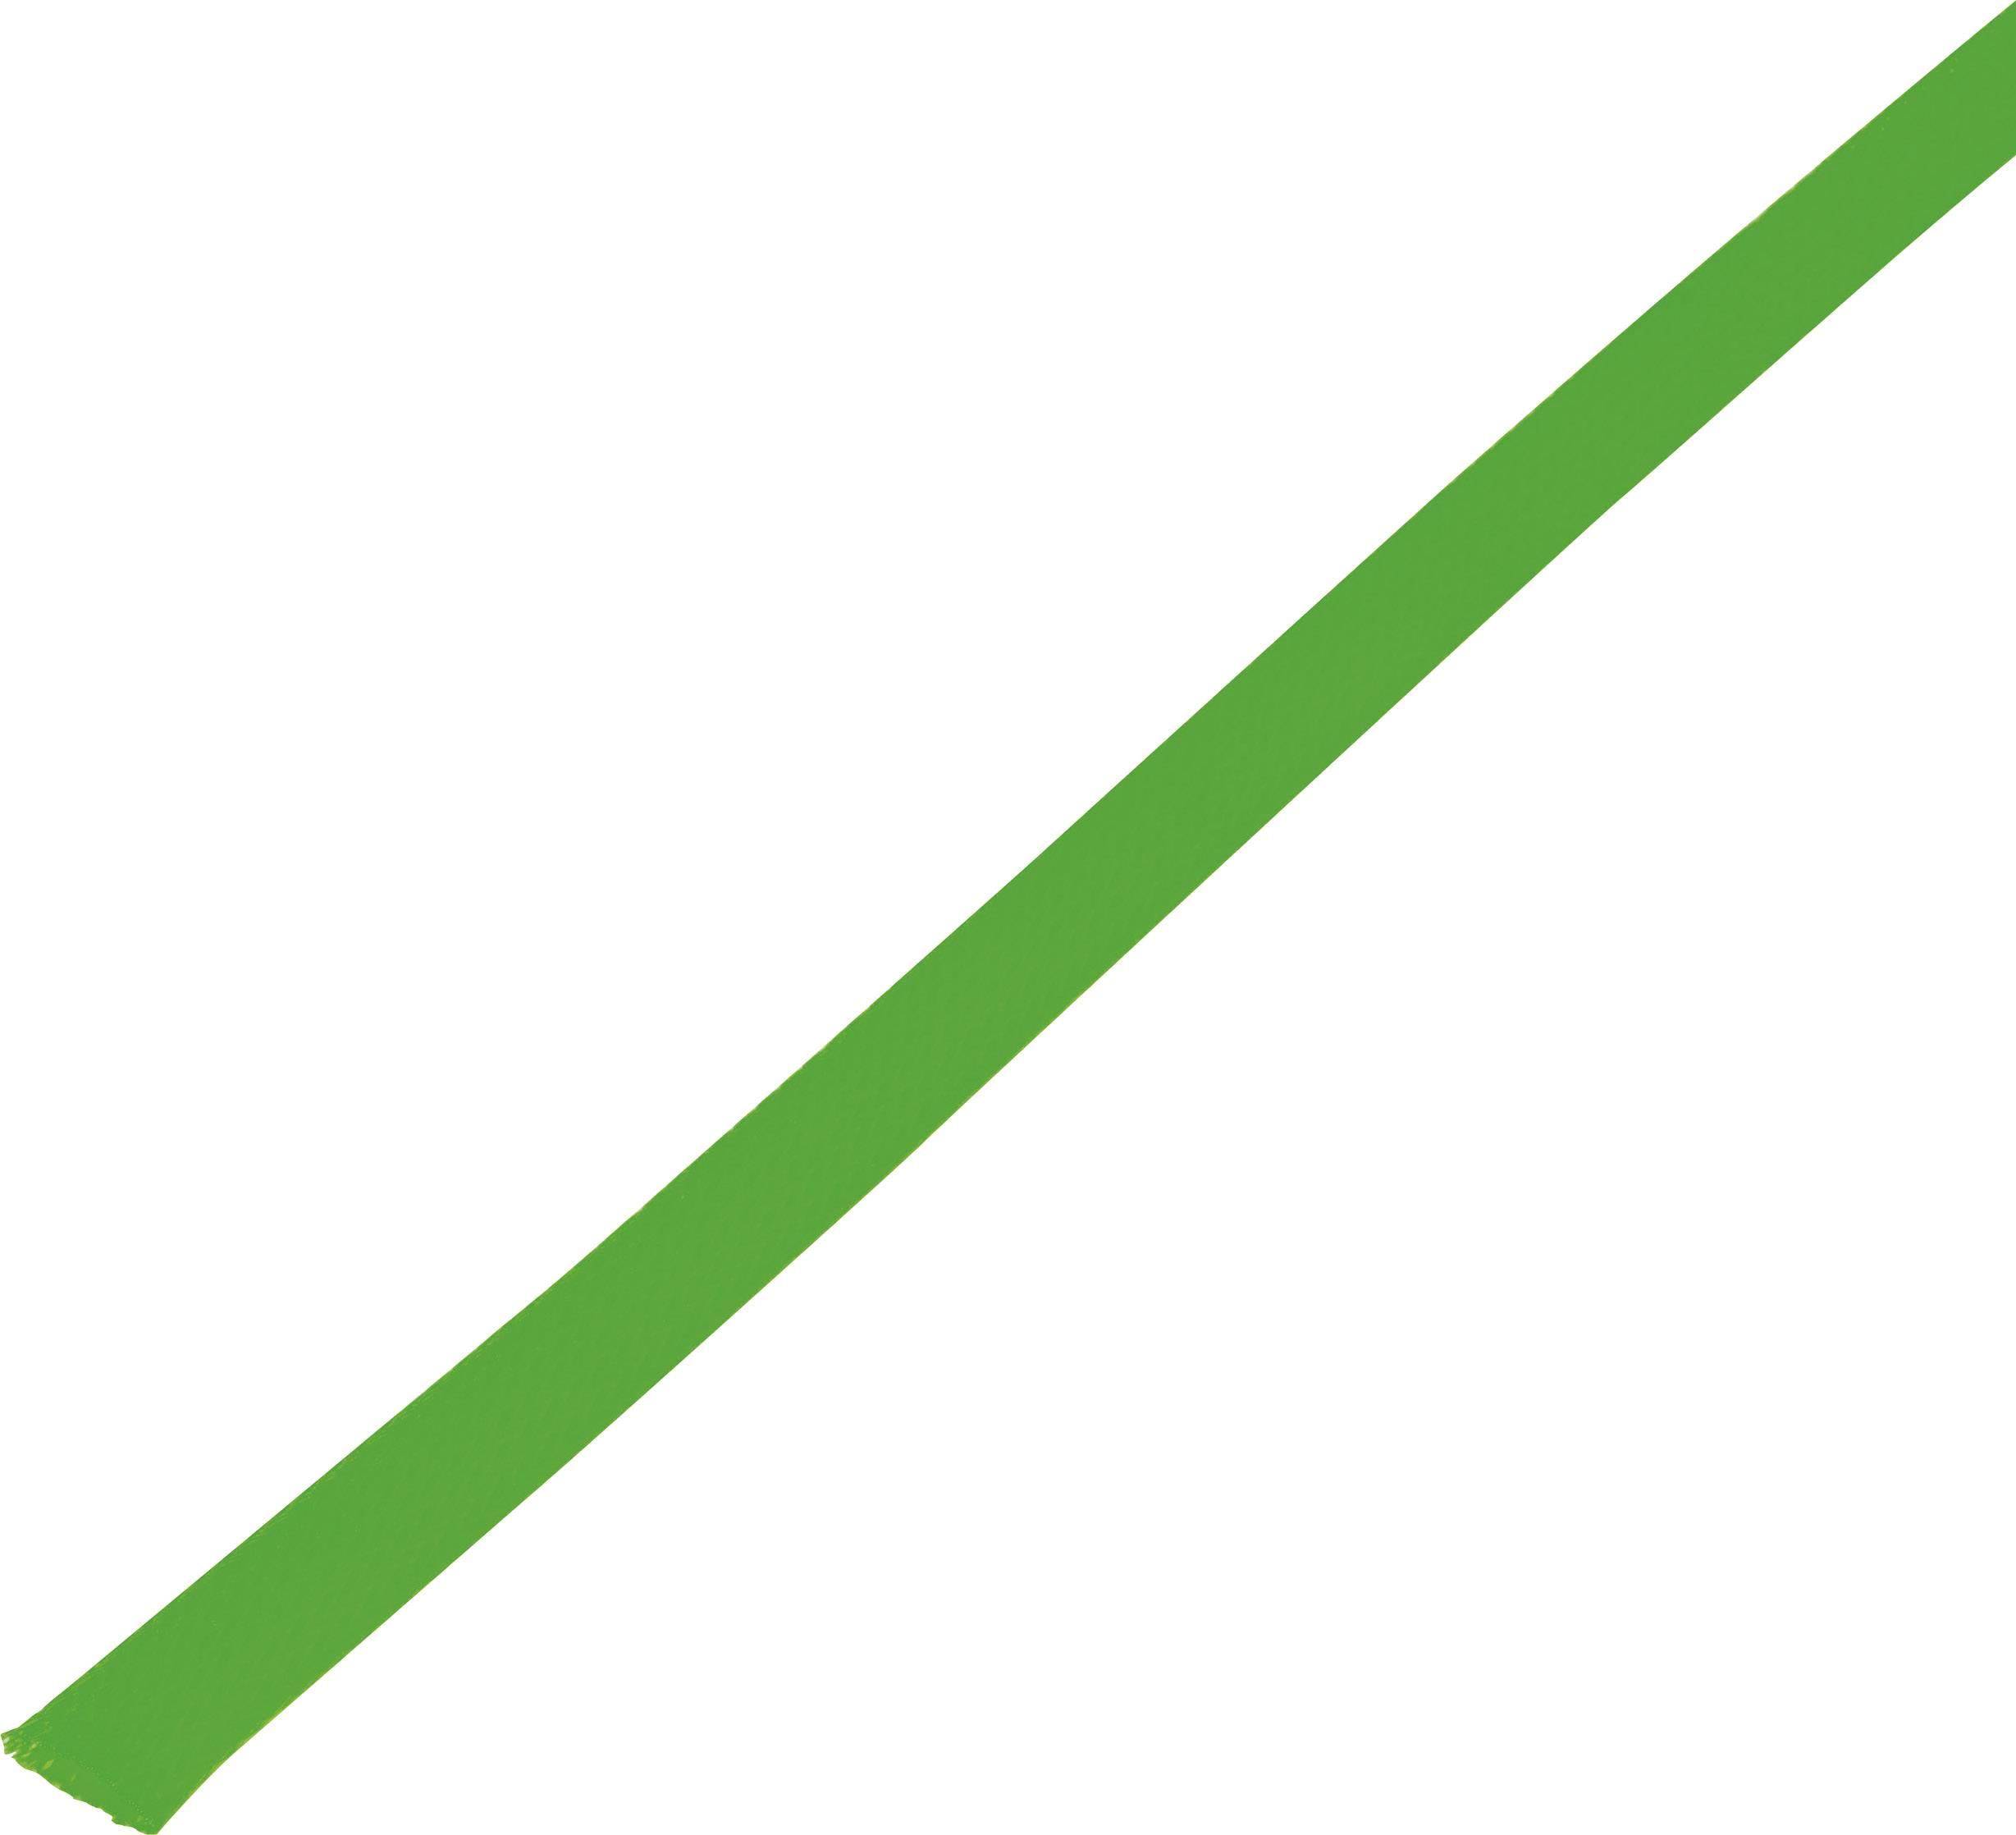 Ochranné opletenie CBBOX1221-GN Ø zväzku: 12 - 21 mm zelená 10 m